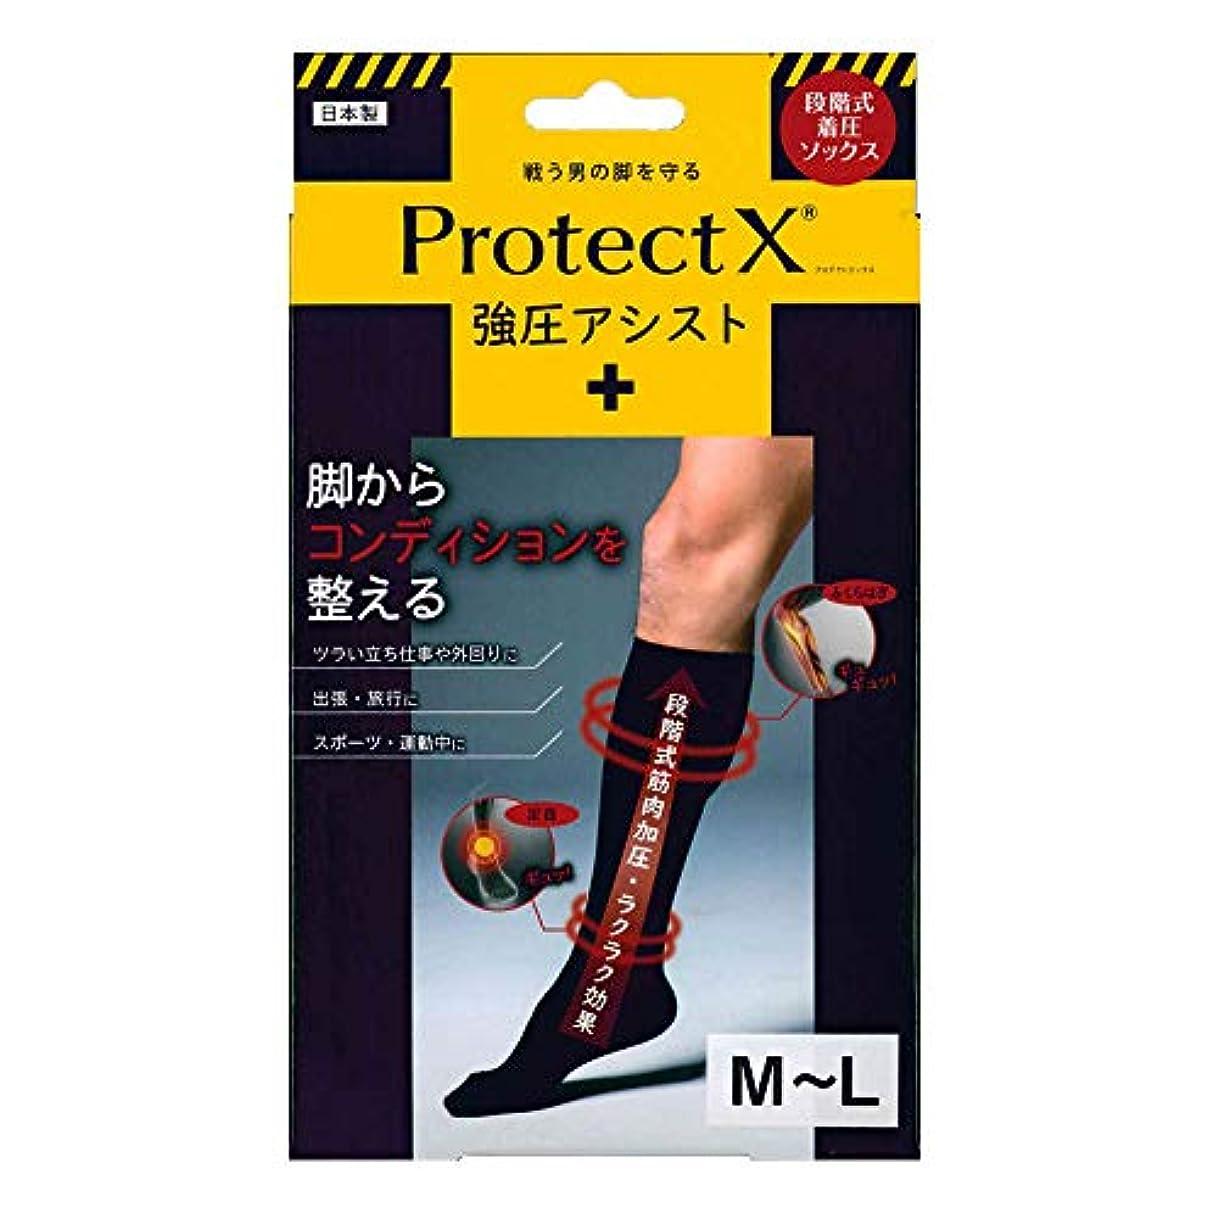 仮定不十分スカイProtect X(プロテクトエックス) 強圧アシスト つま先あり着圧ソックス 膝下 M-Lサイズ ブラック